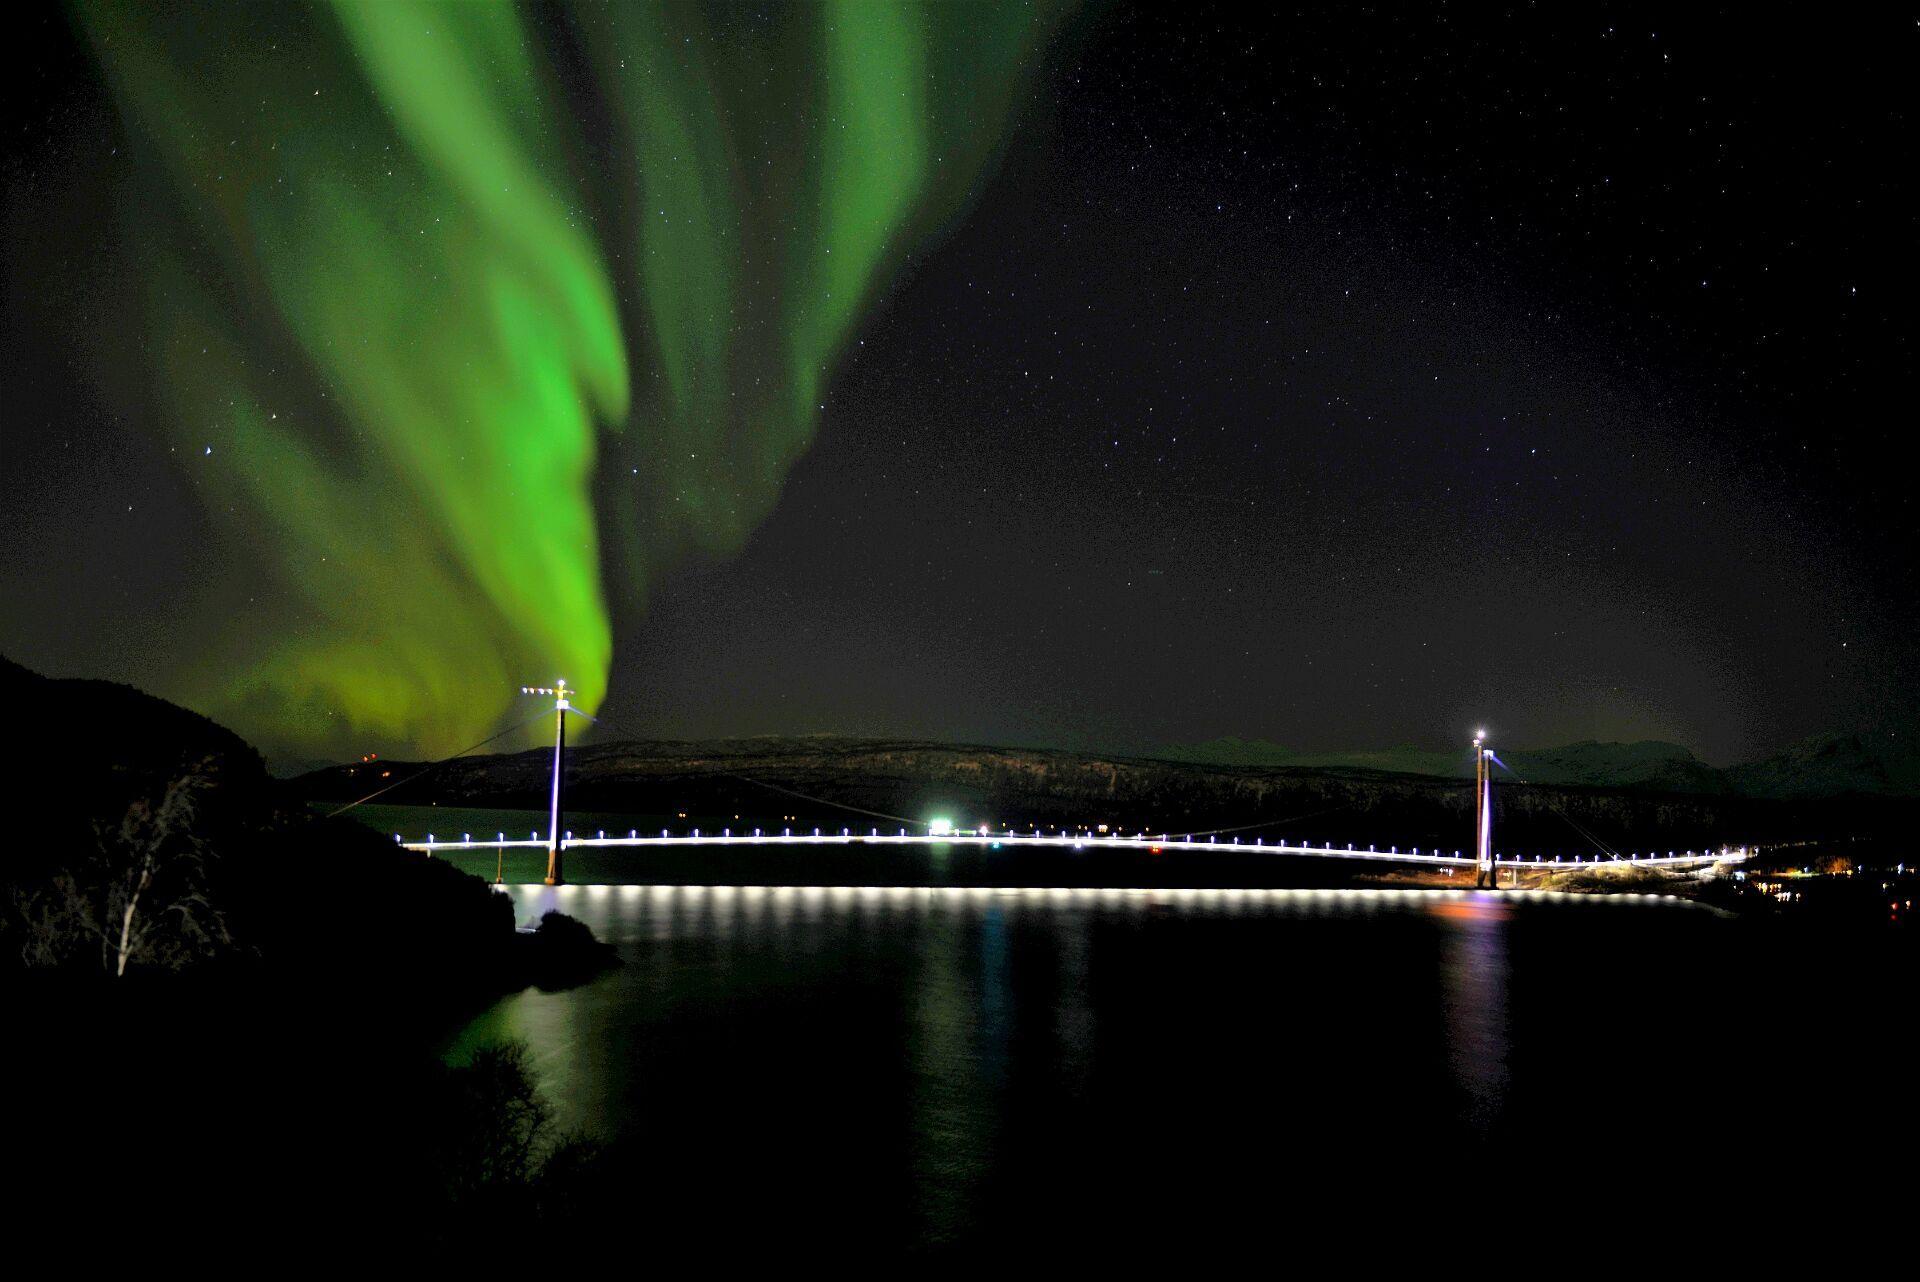 欧洲桥,万博官网登录入口造!挪威首相官宣哈罗格兰德万博manbext网页版通车!